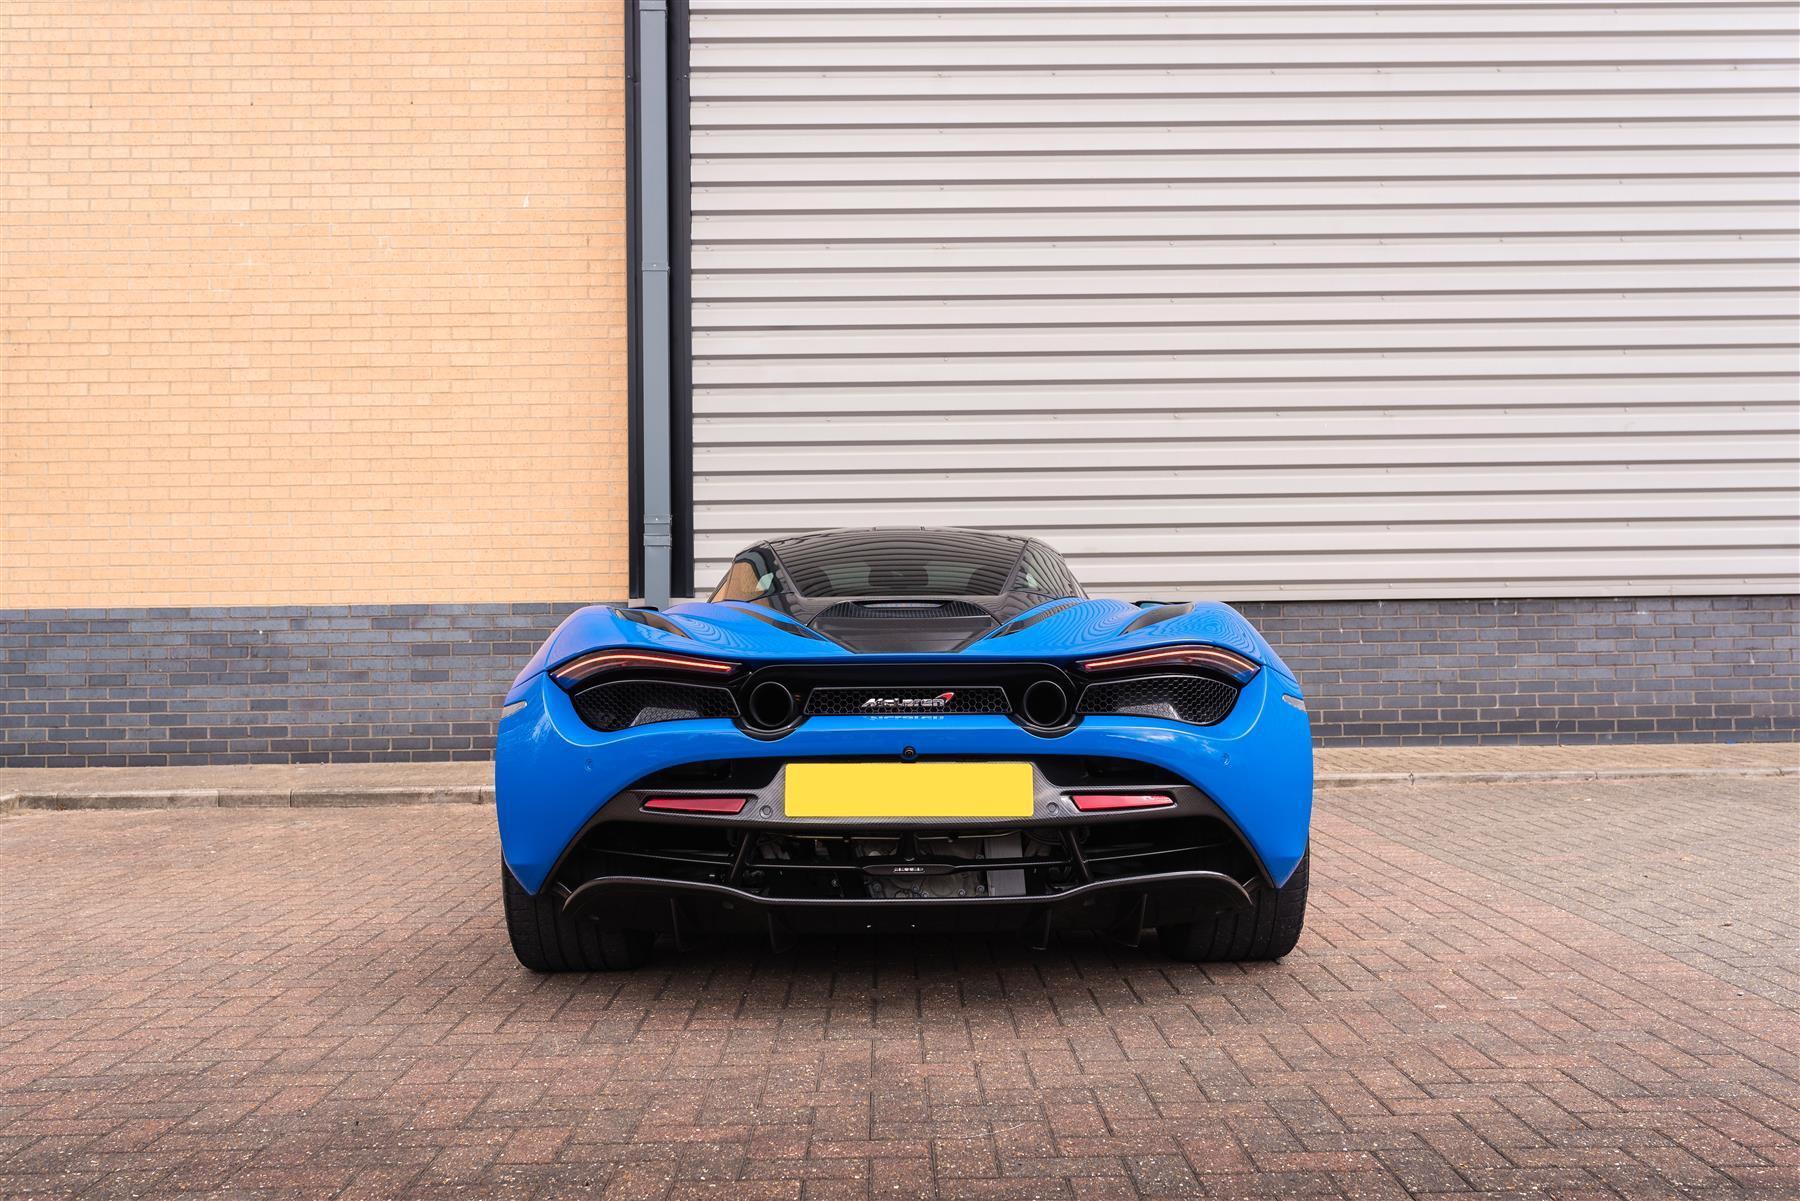 McLaren_720S_Mike_Flewitt-0005